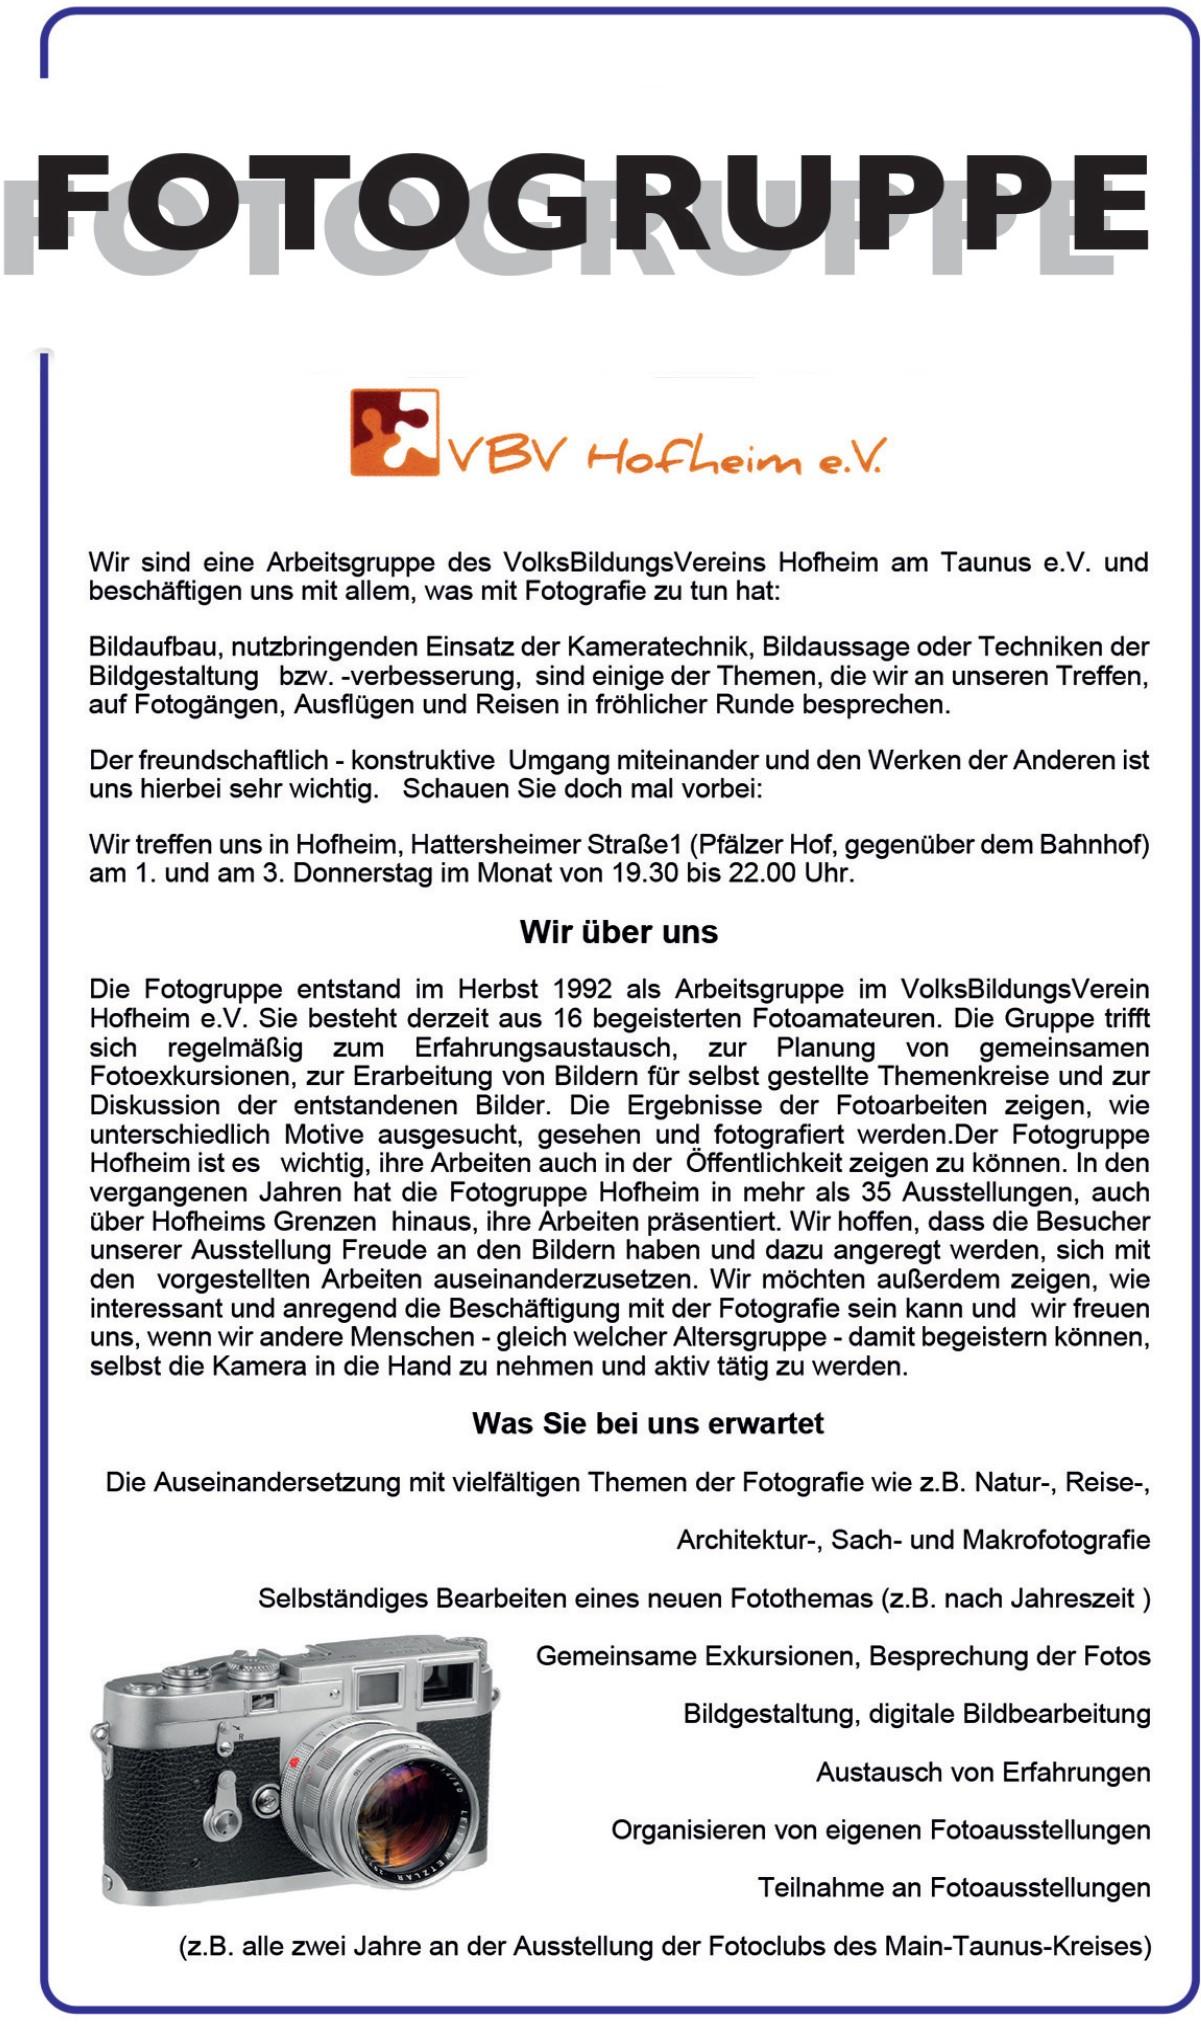 Fotogruppe VBV Hofheim